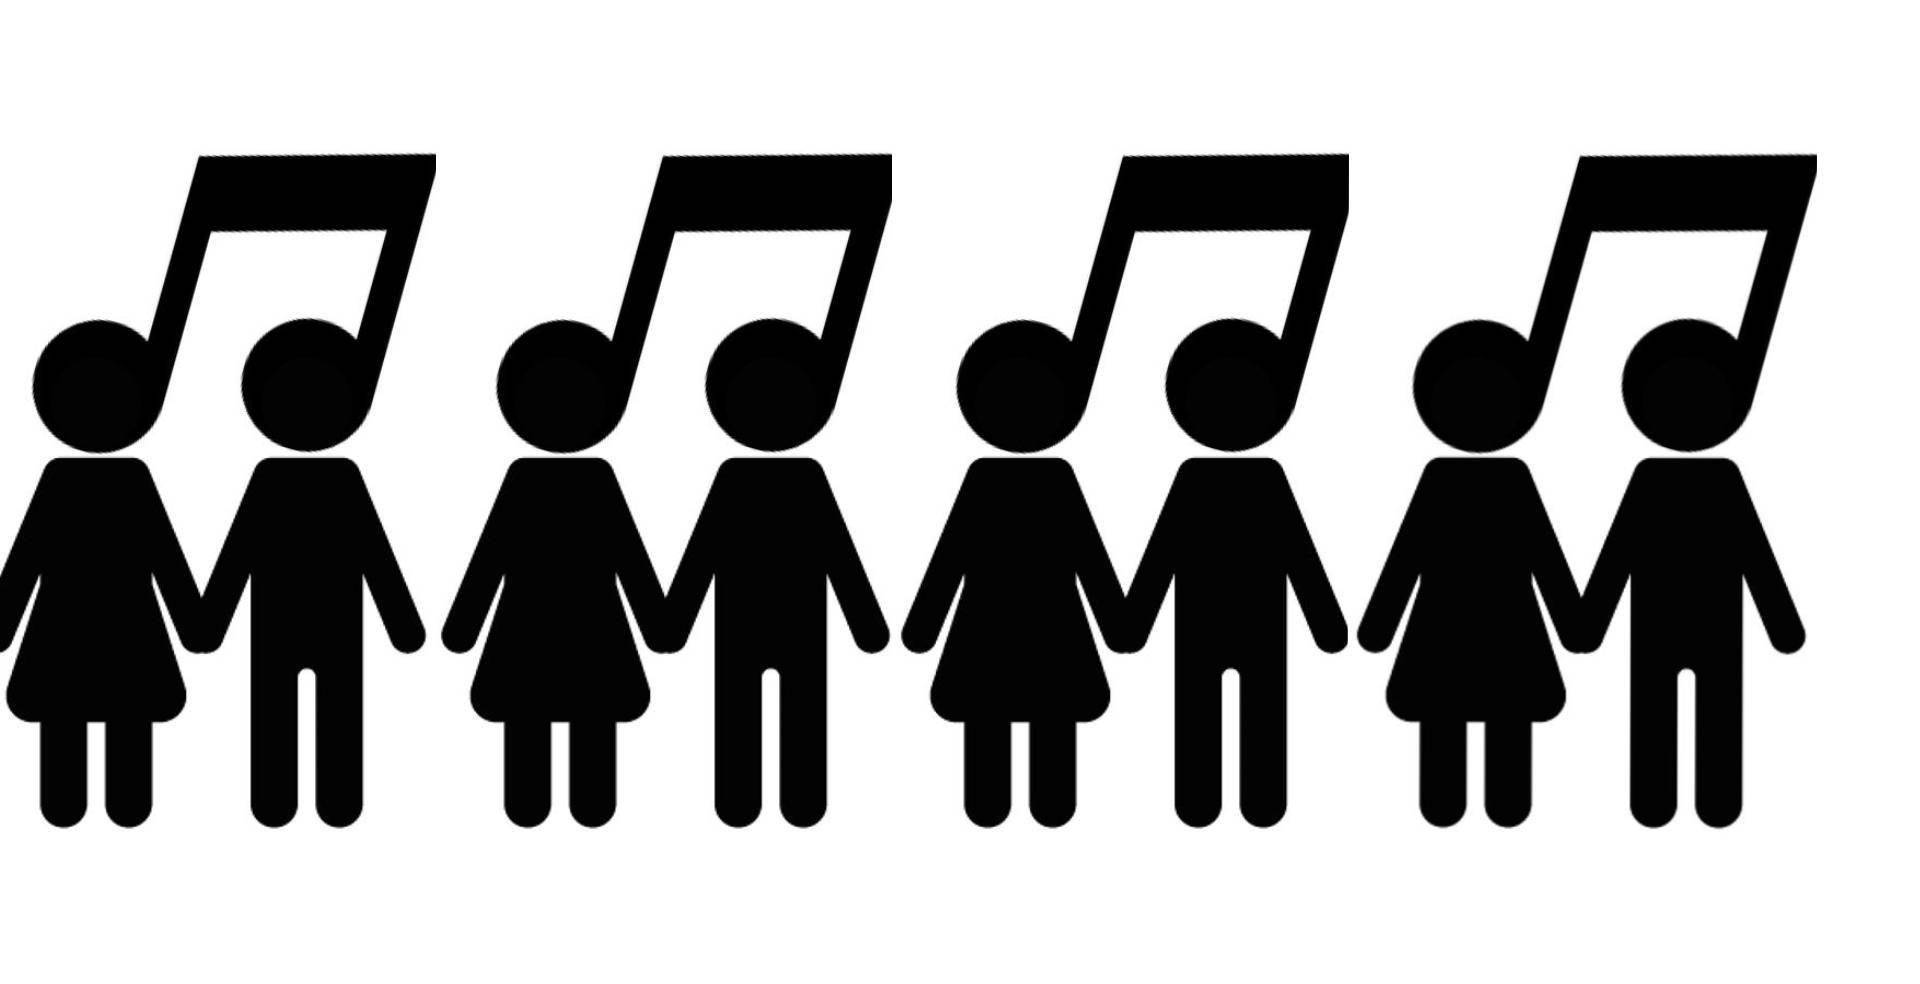 La musique est d'un grand secours en temps de crise